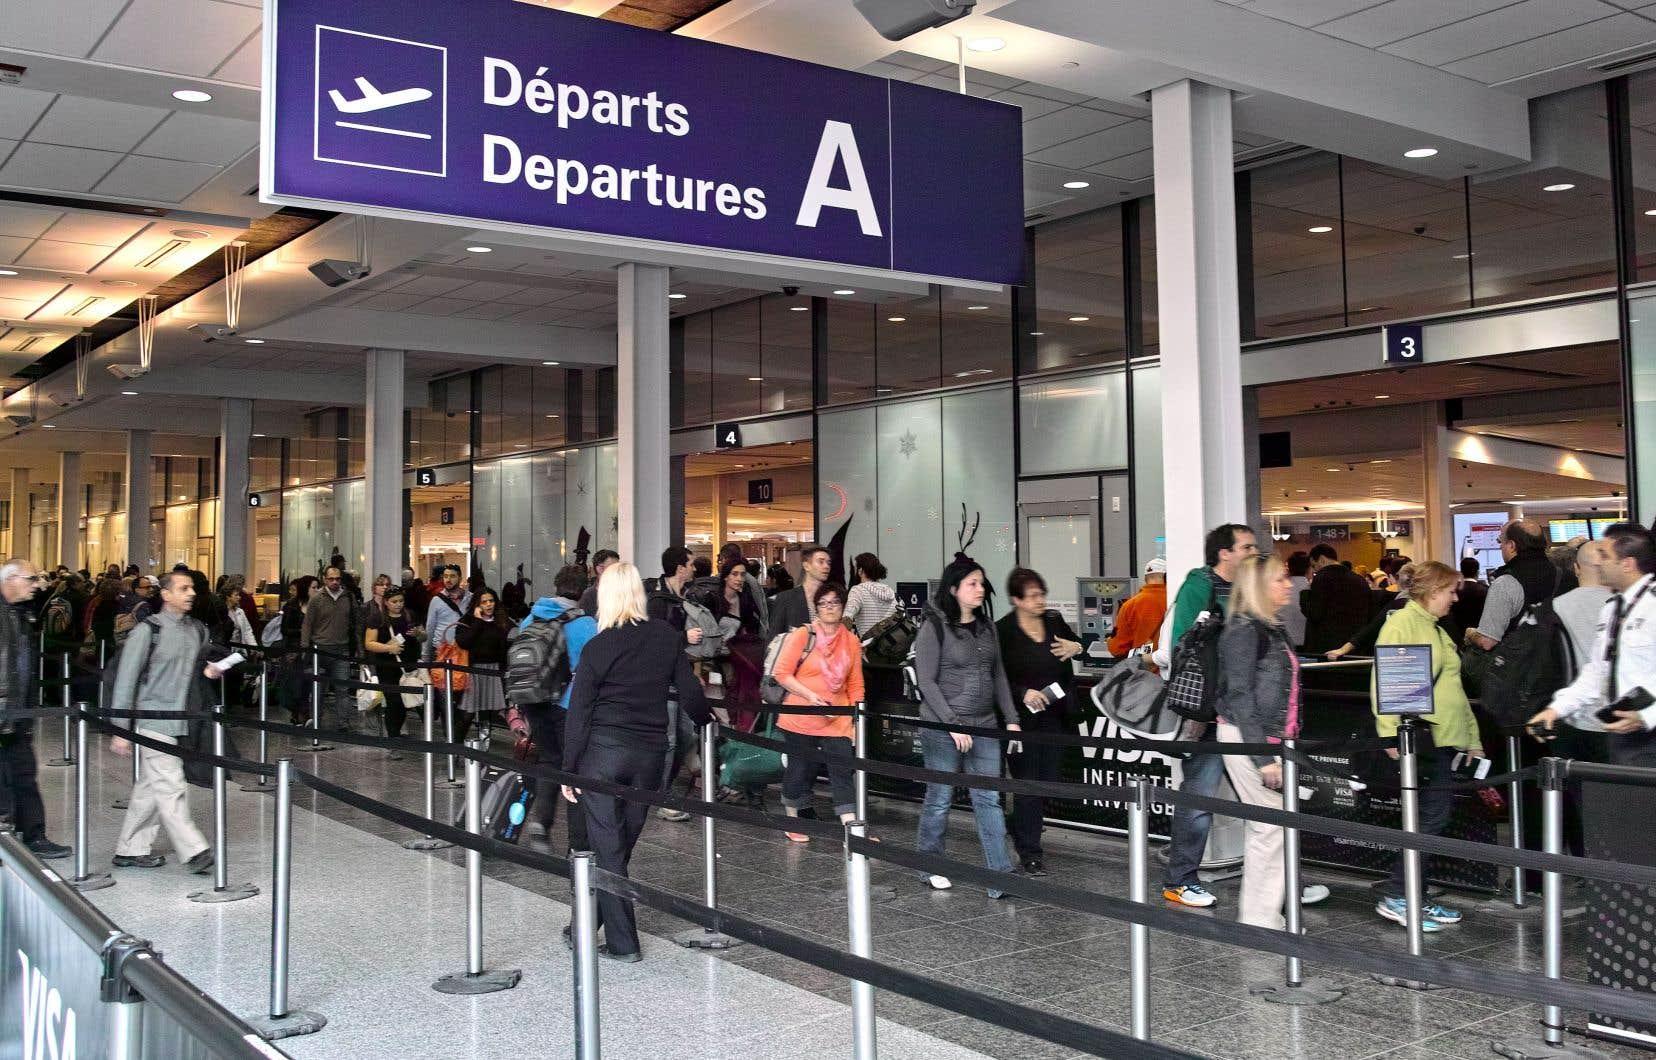 De Montréal, un habitant de Detroit a décollé avec plus de deux heures de retard pour se retrouver bloqué à Toronto.